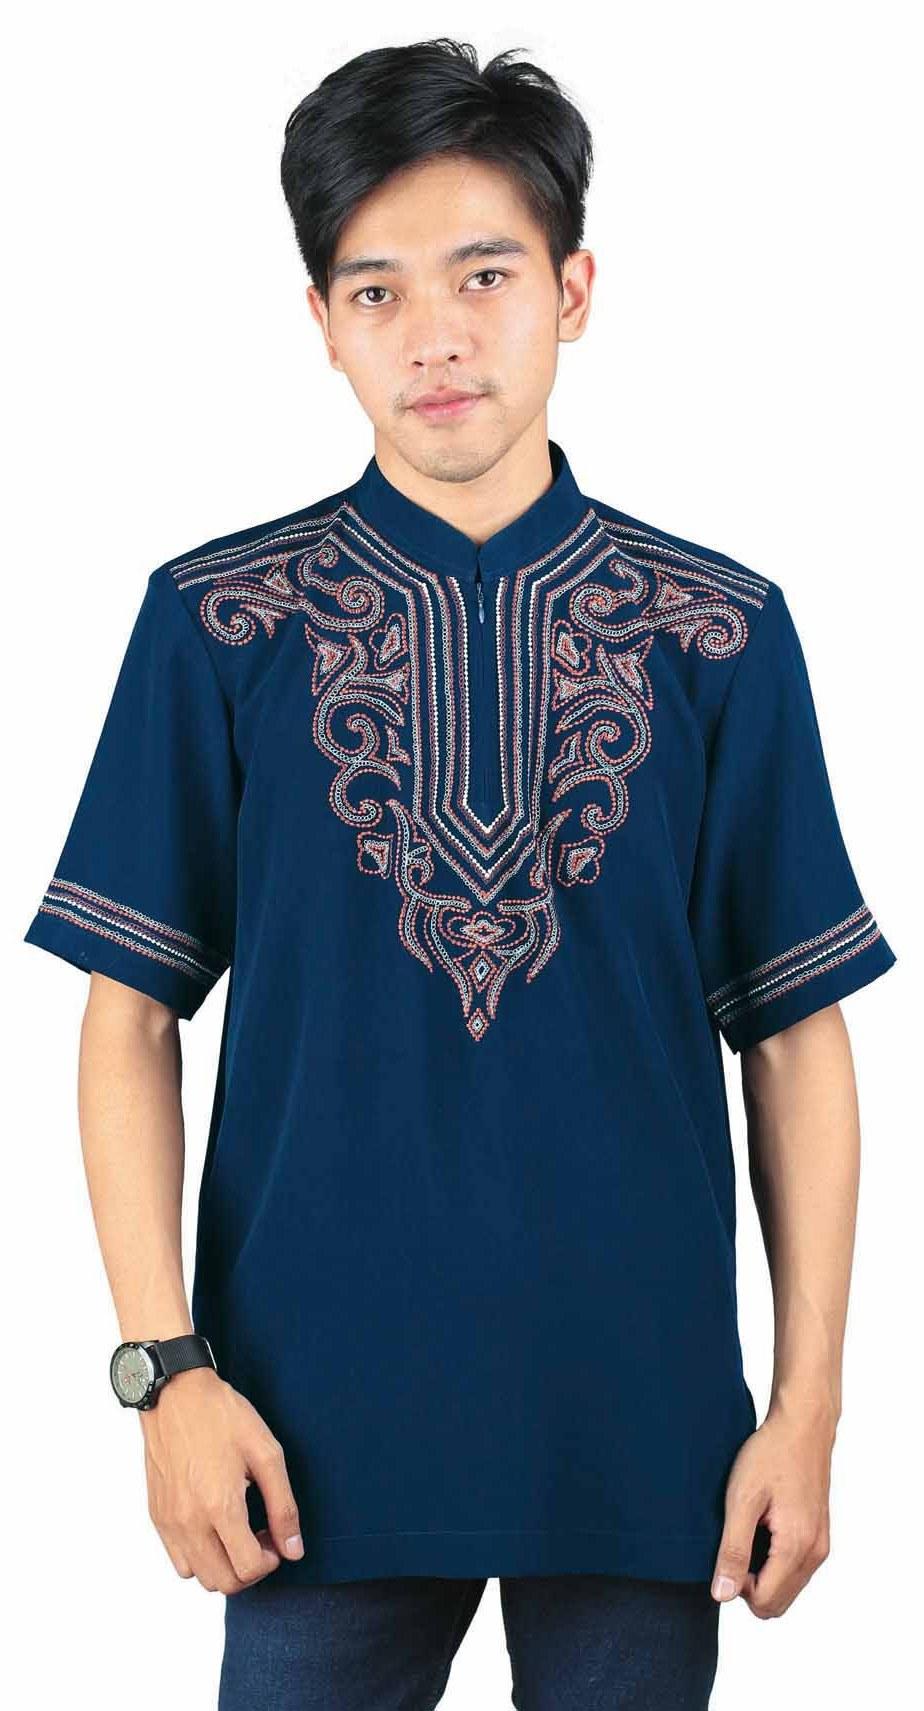 Inspirasi Baju Lebaran Pria 2017 3id6 Kumpulan Baju Muslim Pria Lengan Pendek Trend Terbaru 2018